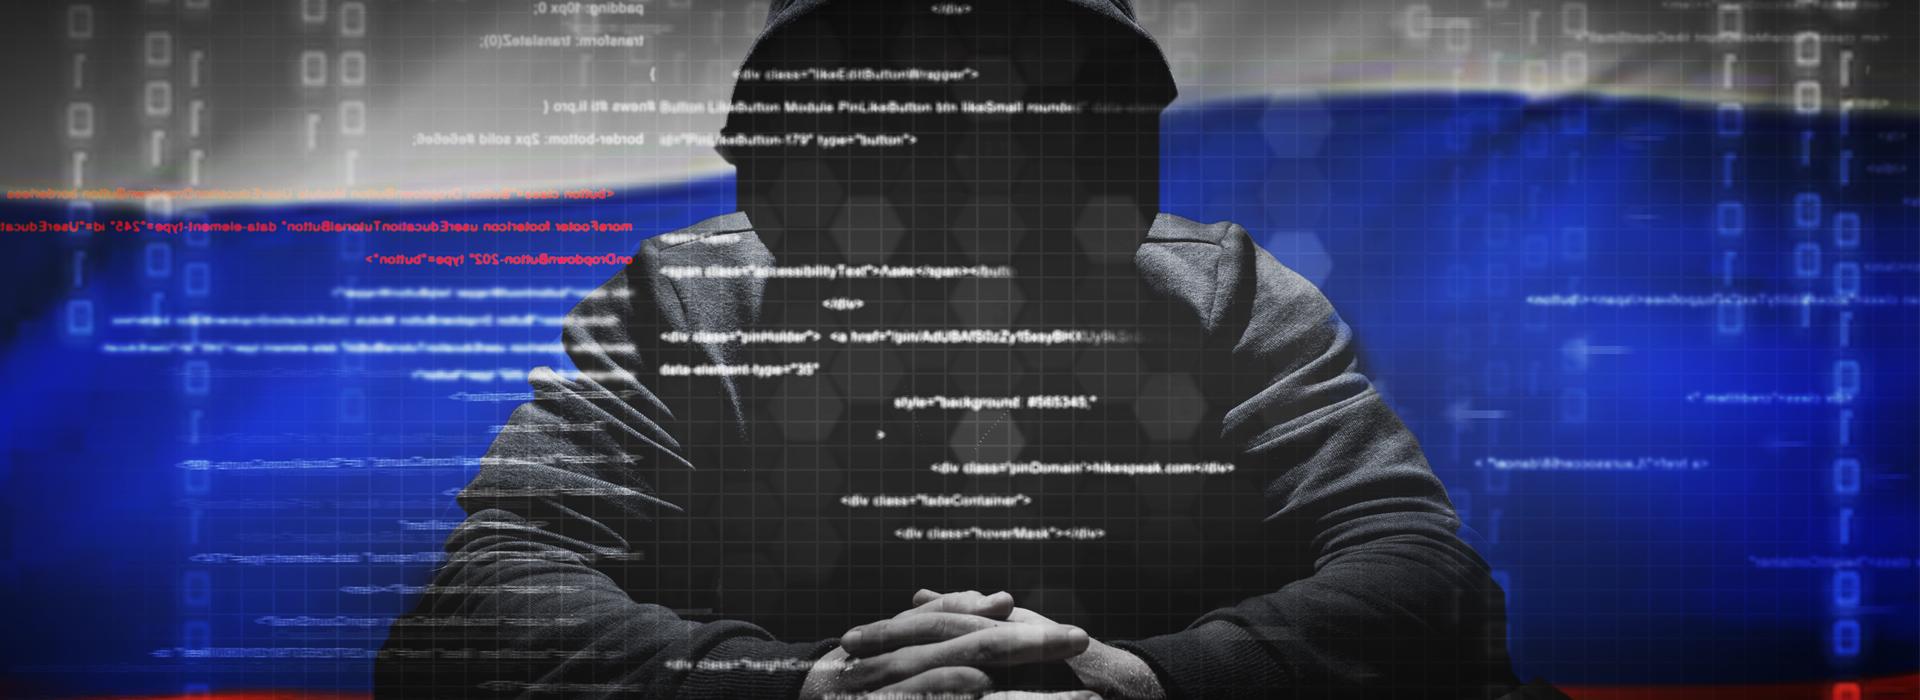 超過8700萬臉書個資哪兒去?爆料者:可能存於俄羅斯